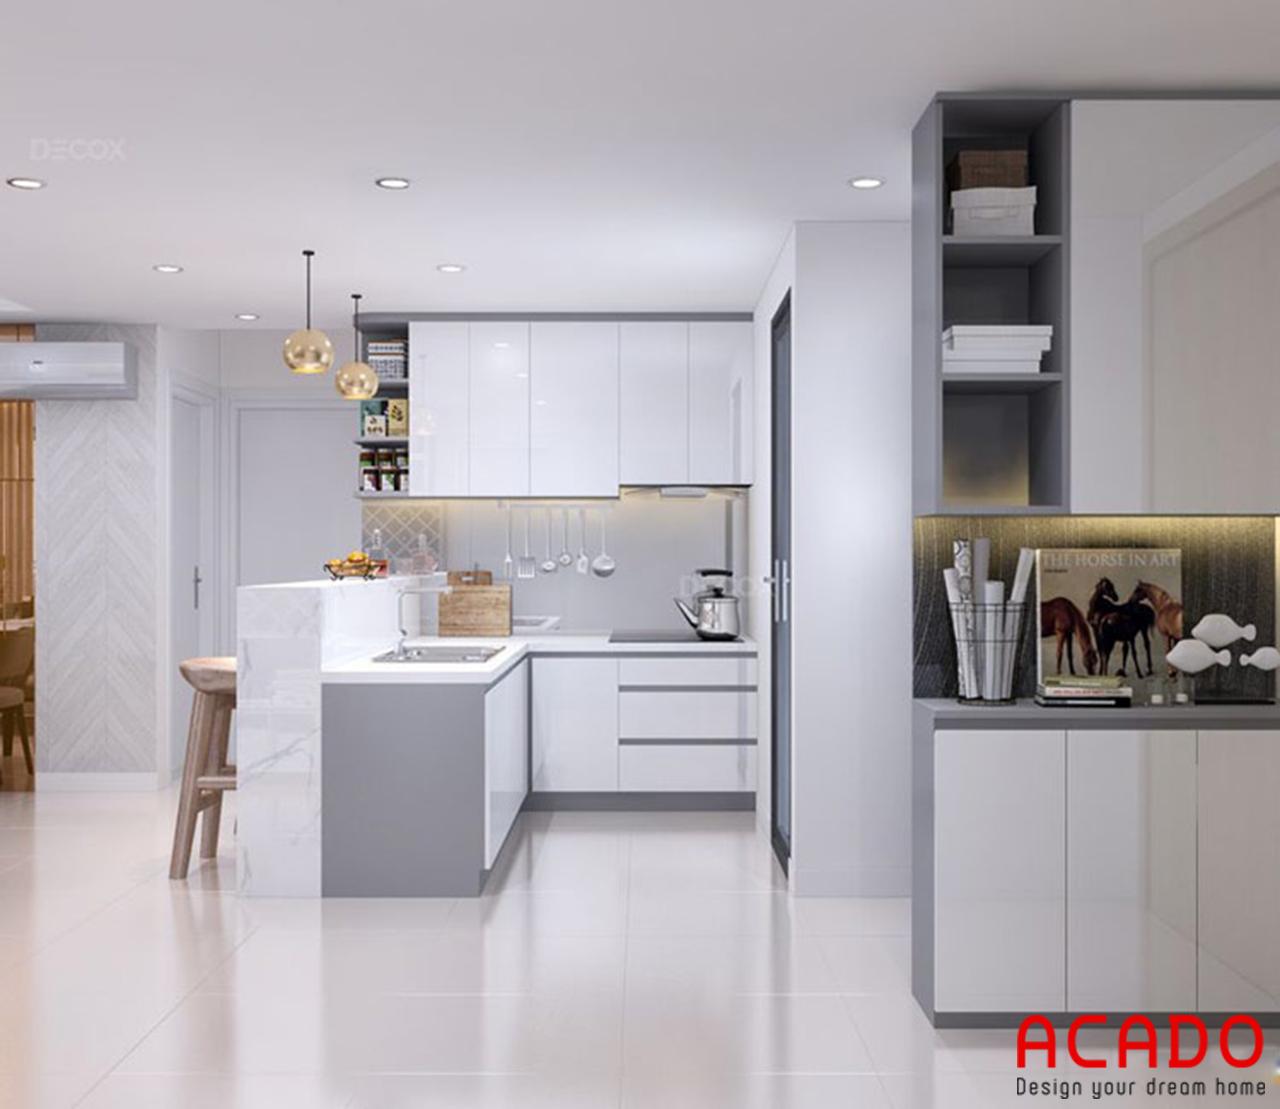 Khu vực bếp thiết kế màu trắng và ghi toát lên vẻ đẹp sang trọng